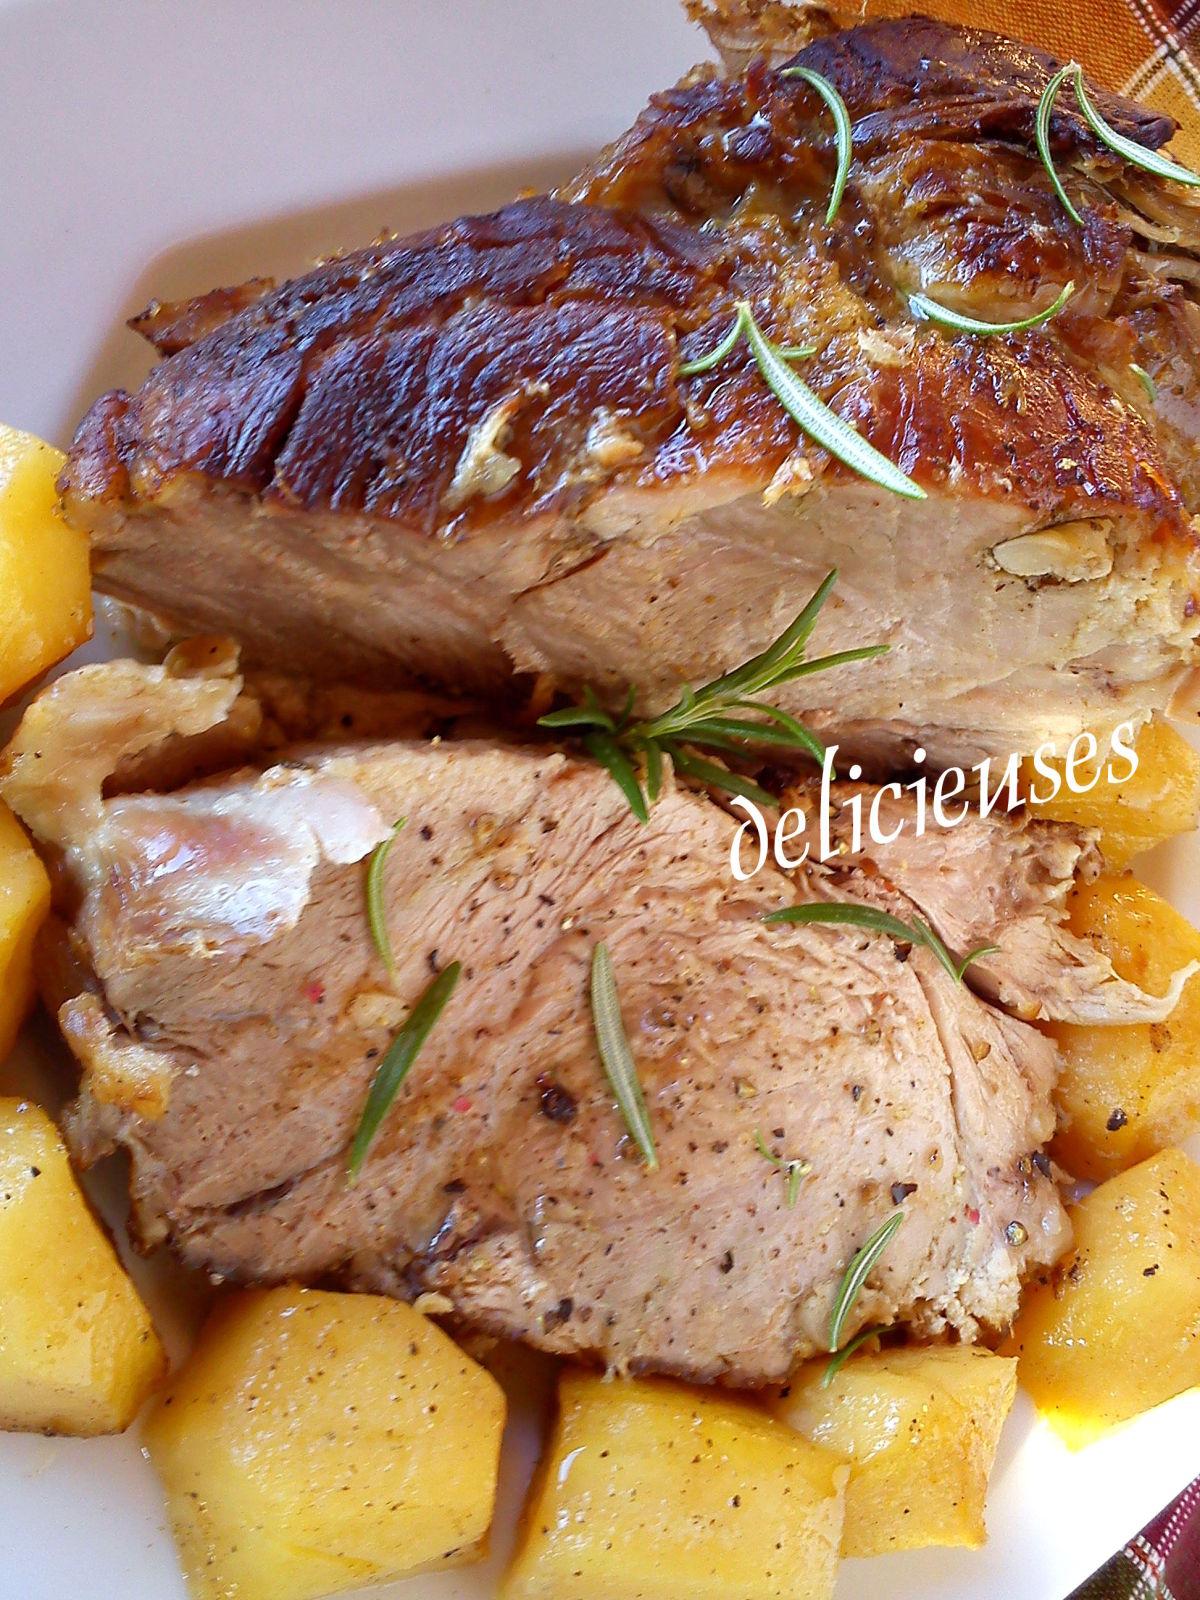 Χοιρινό μπούτι με δεντρολίβανο, σκόρδο, μέλι και μουστάρδα 2m6pe28